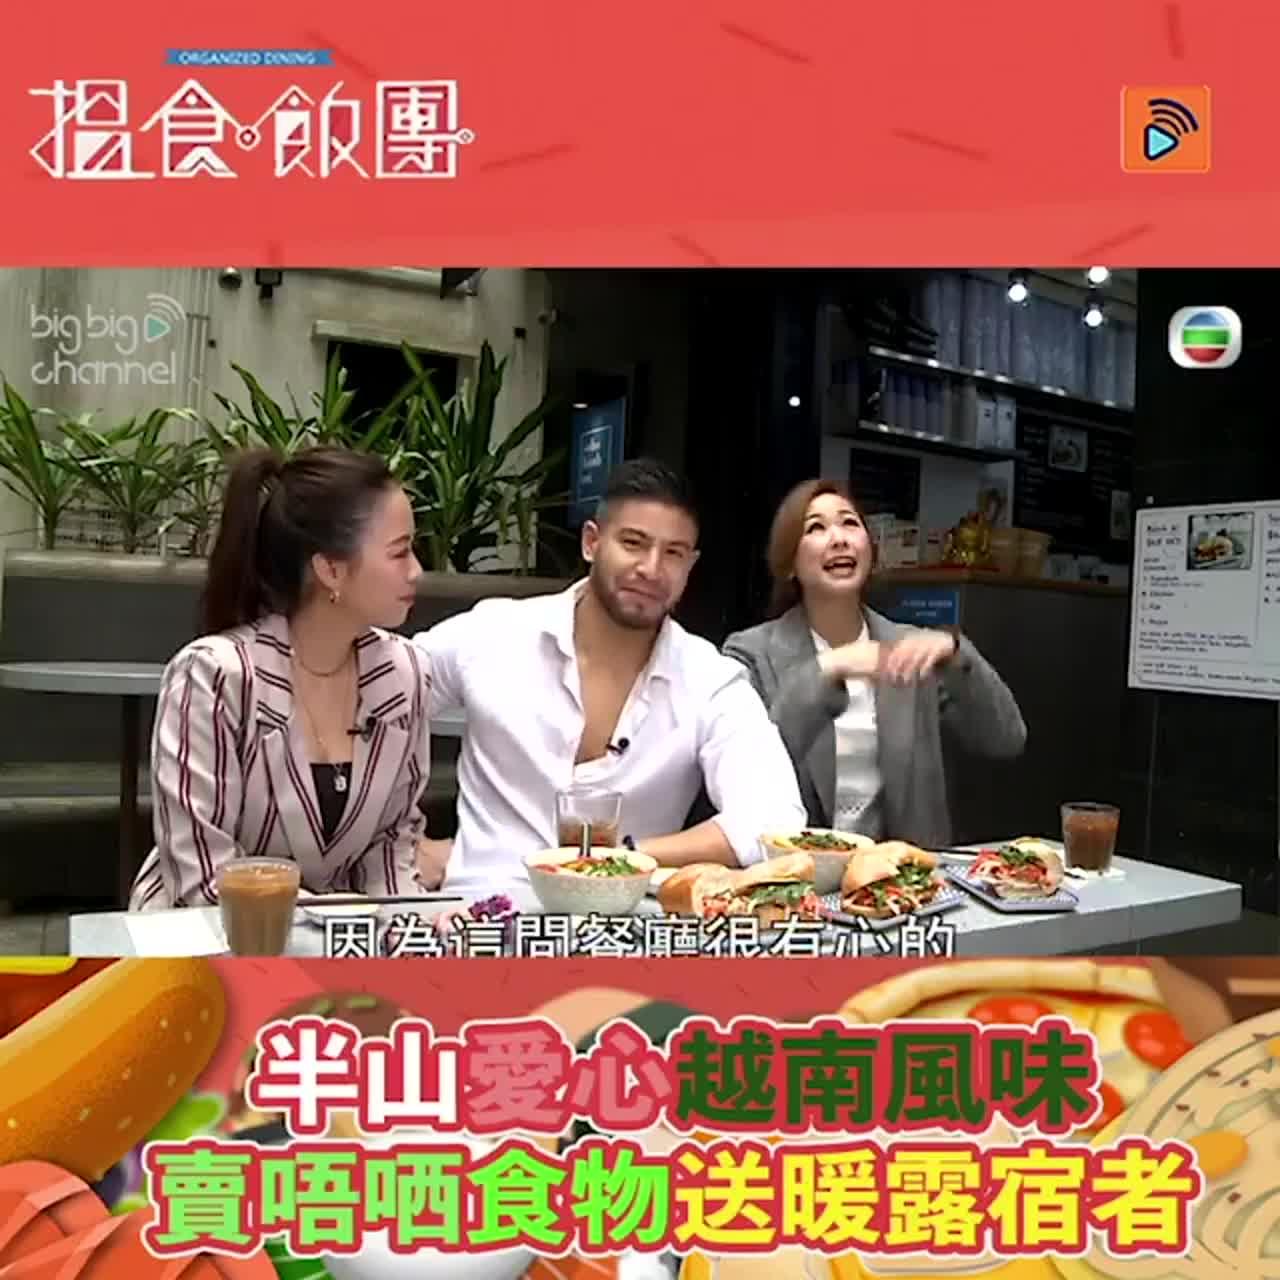 半山善心越南風味 賣唔哂食物送露宿者